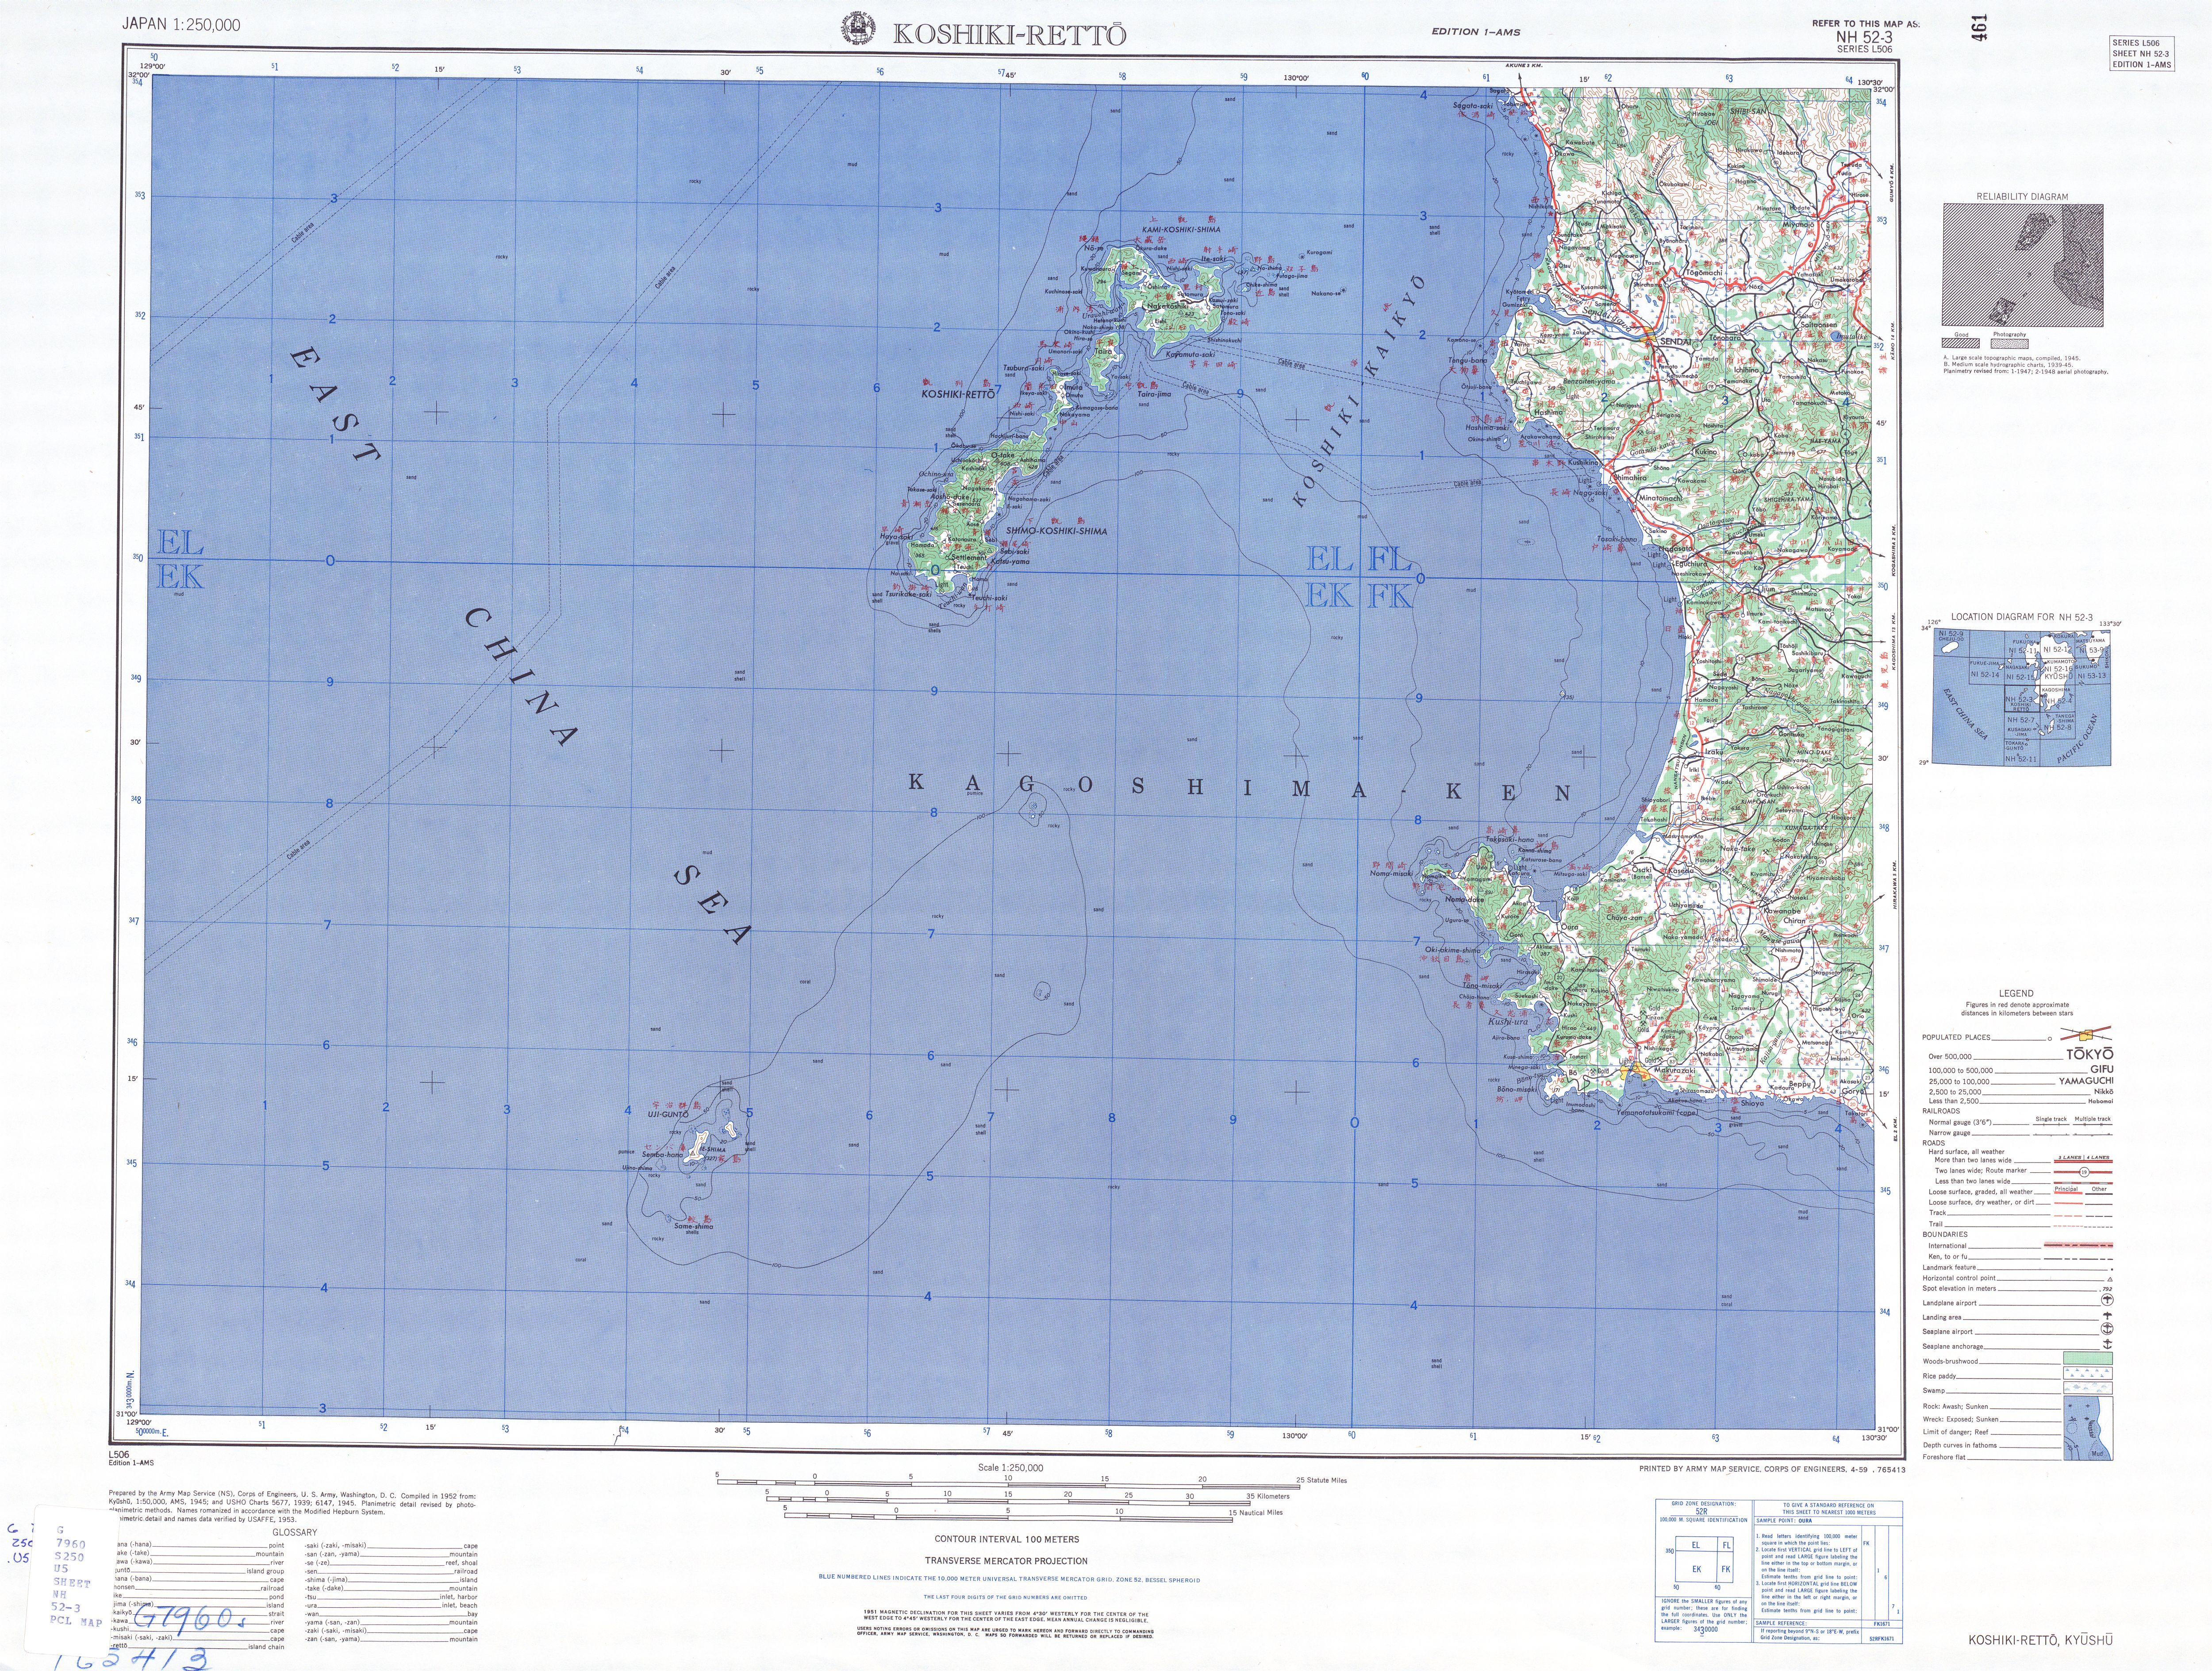 Hoja Koshiki-Retto del Mapa Topográfico de Japón 1954